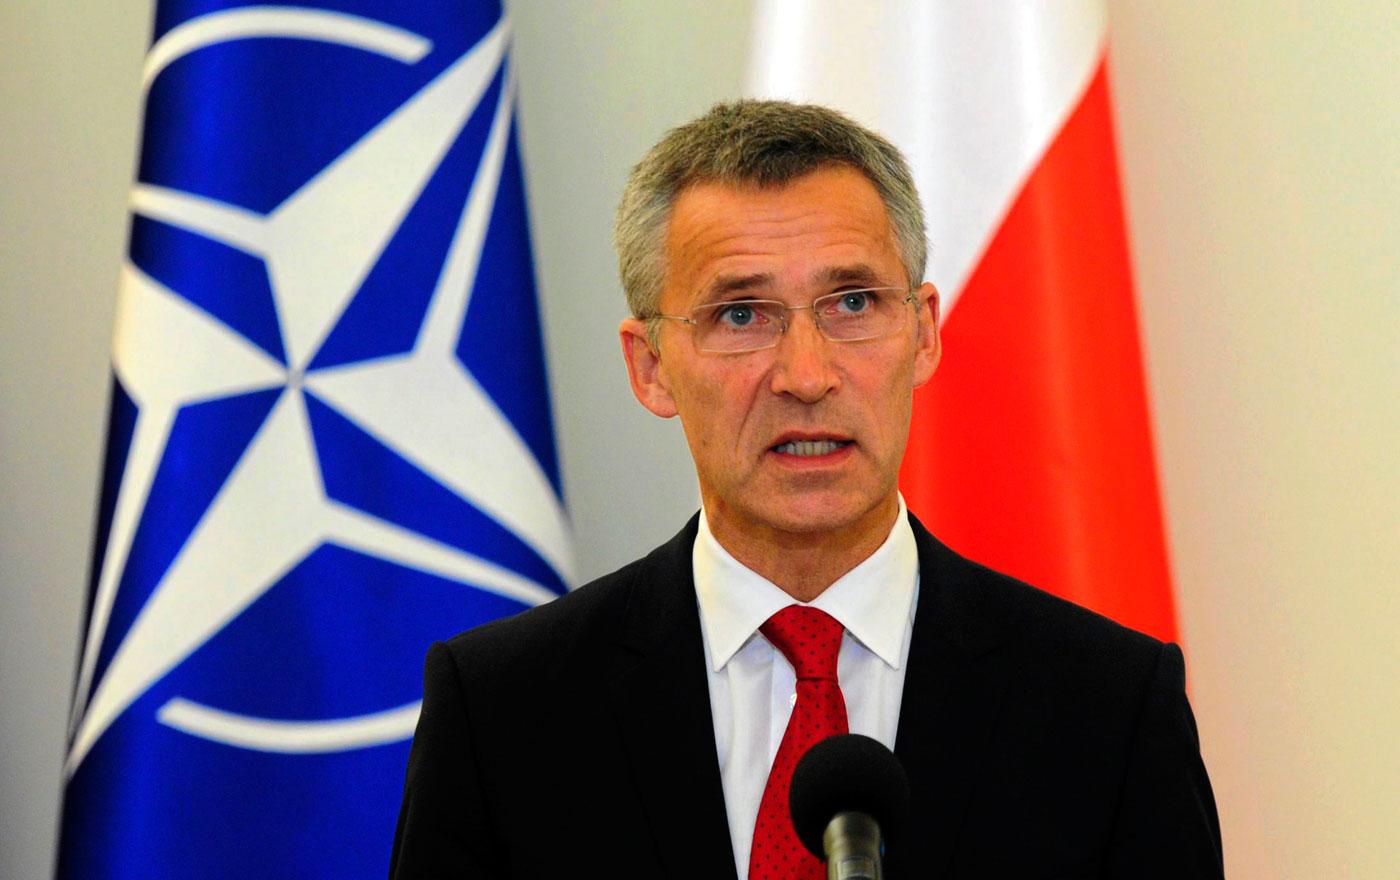 Йенс Столтенберг заявил о нарушении российским самолетом воздушного пространства Турции